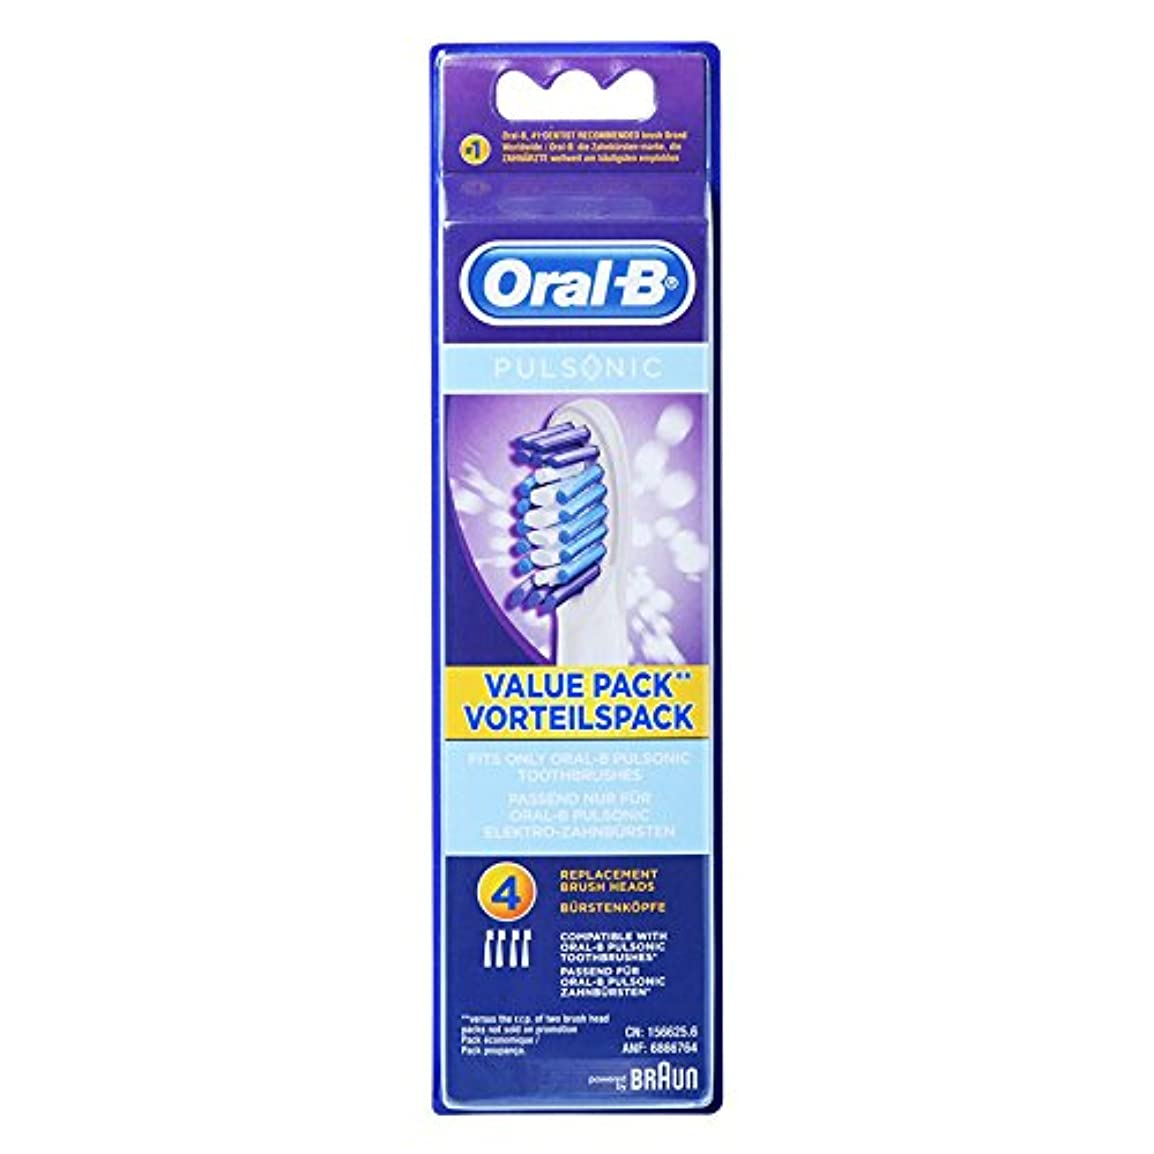 ハードウェア玉チューブBraun Oral-B SR32-4 Pulsonic Value Pack 交換用ブラシヘッド 1Pack [並行輸入品]